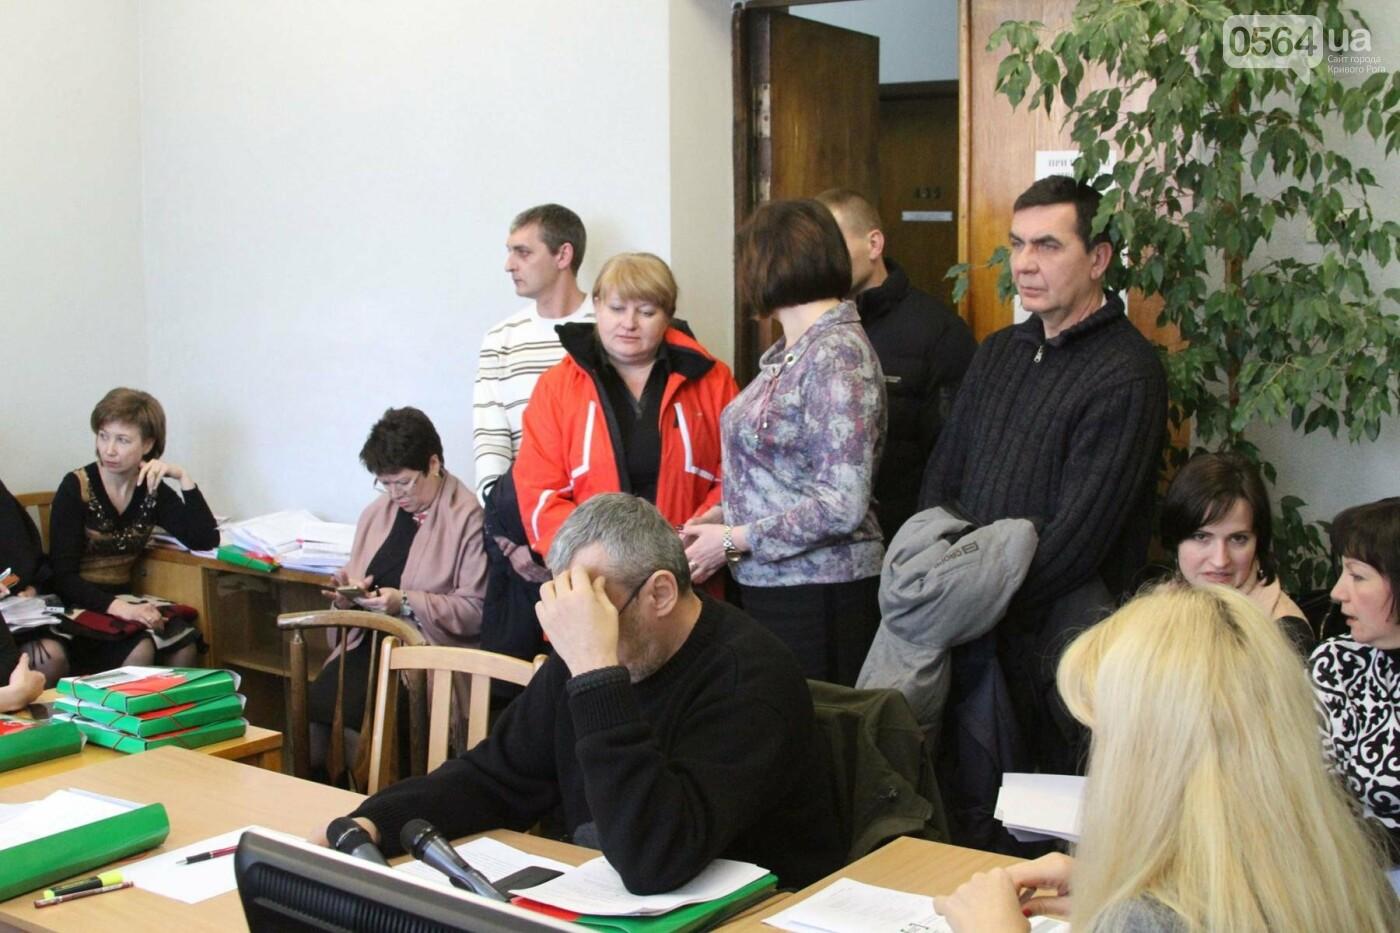 Криворожские депутаты из комиссии по этике и дисциплине со второй попытки не смогли собраться (ФОТО), фото-8